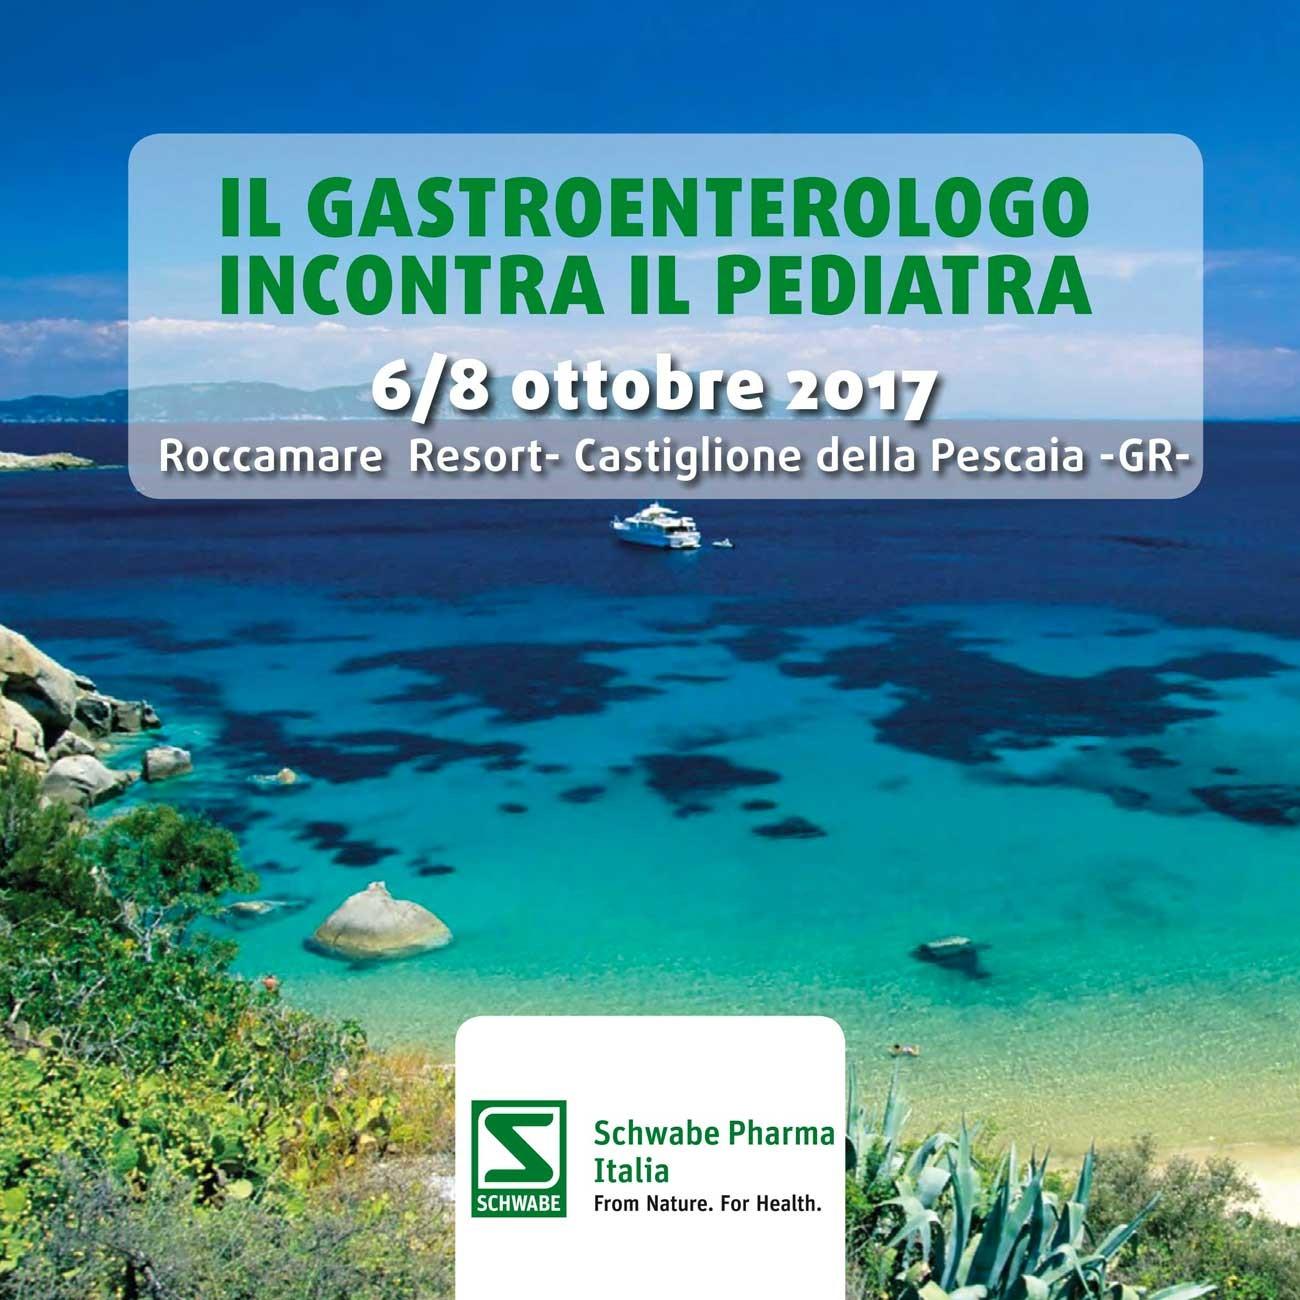 Evento Colikind gocce con pediatri Schwabe Pharma Italia a Castiglione